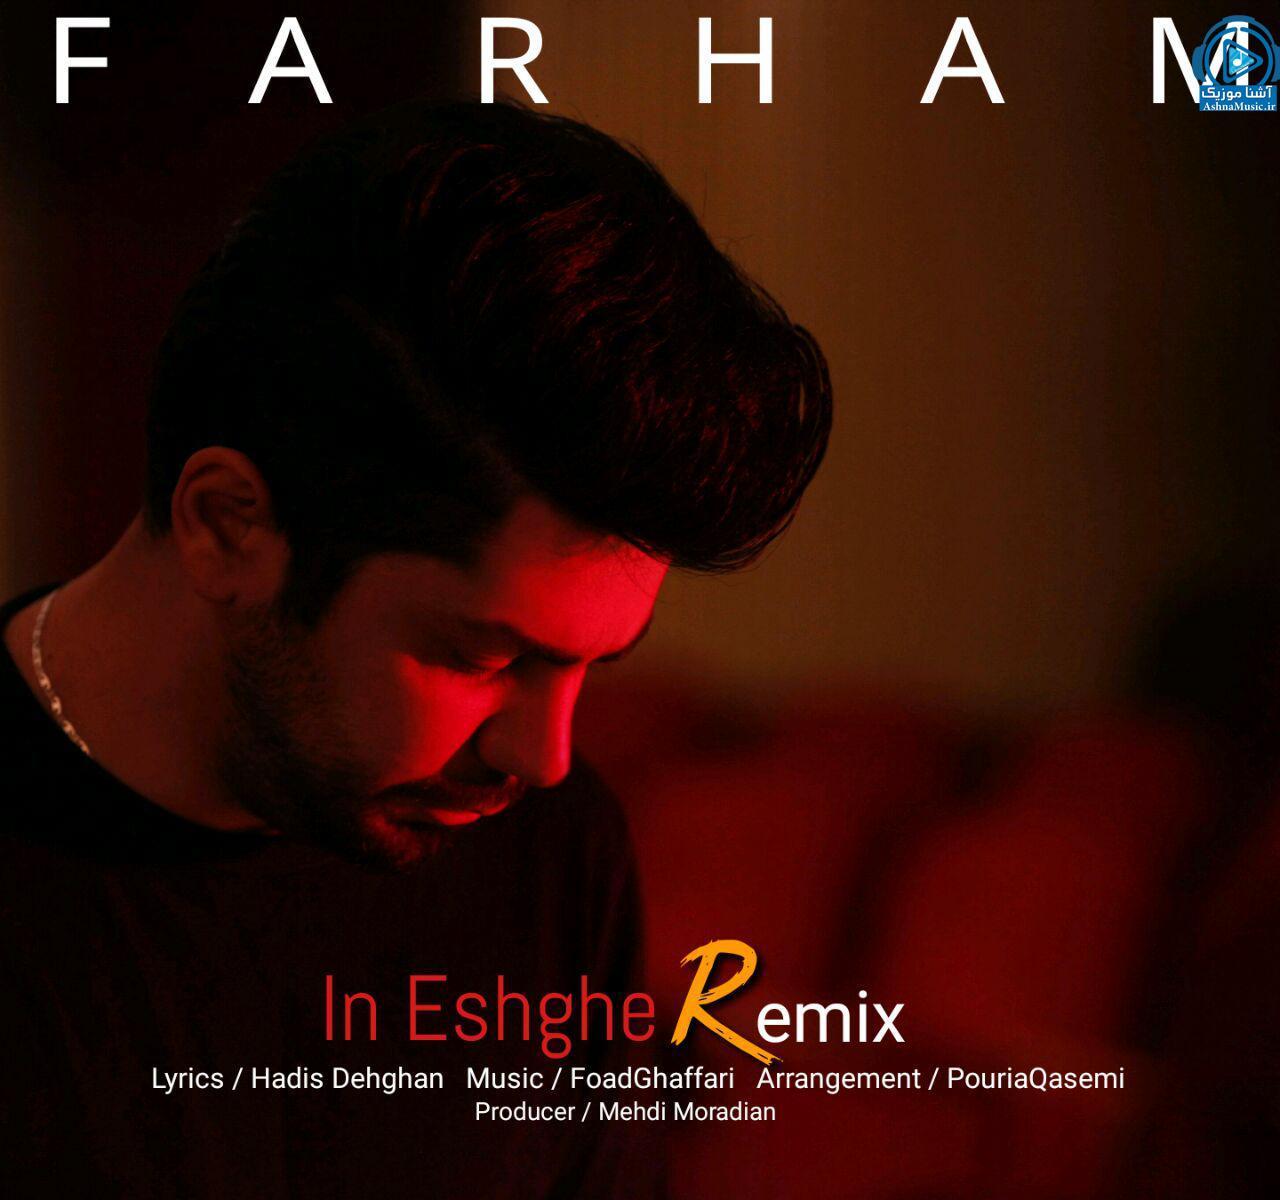 farham in eshghe ashnamusic.ir  - دانلود ریمیکس فرهام به نام این عشقه